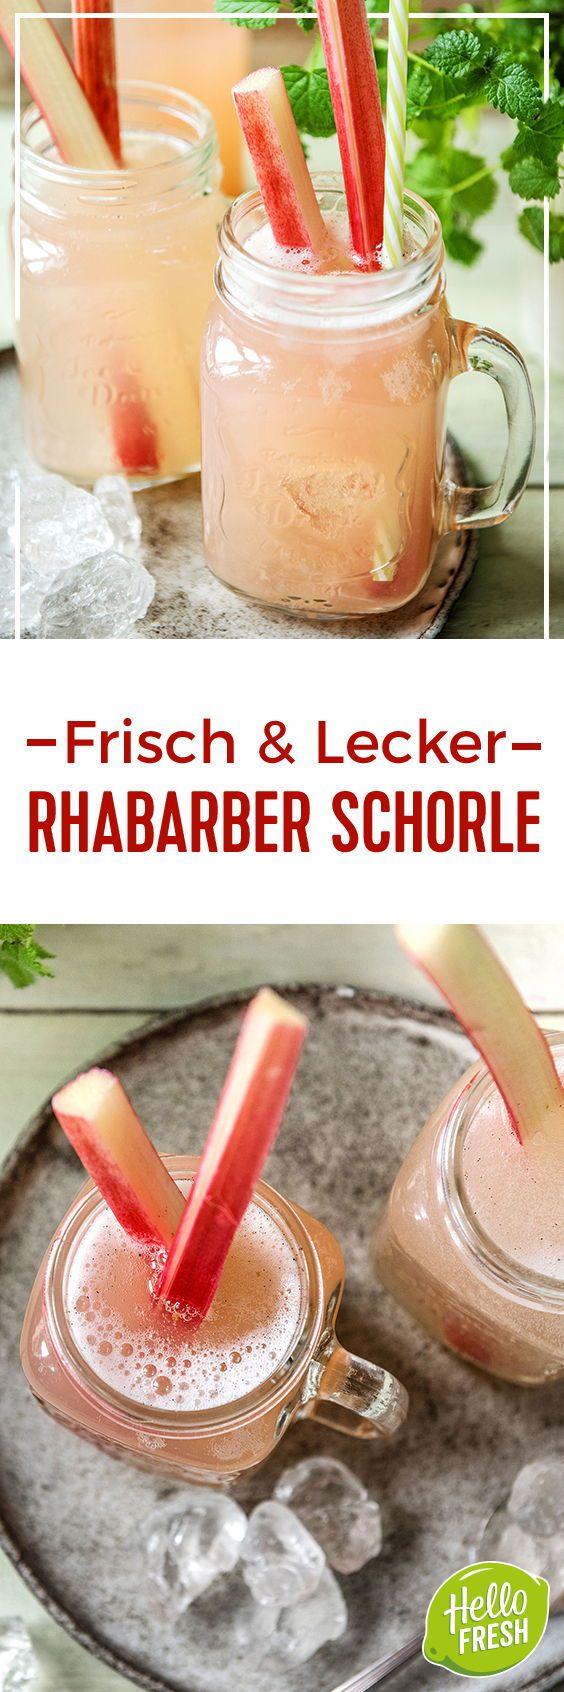 Zwei leckere Rhabarber Rezepte | HelloFresh Blog